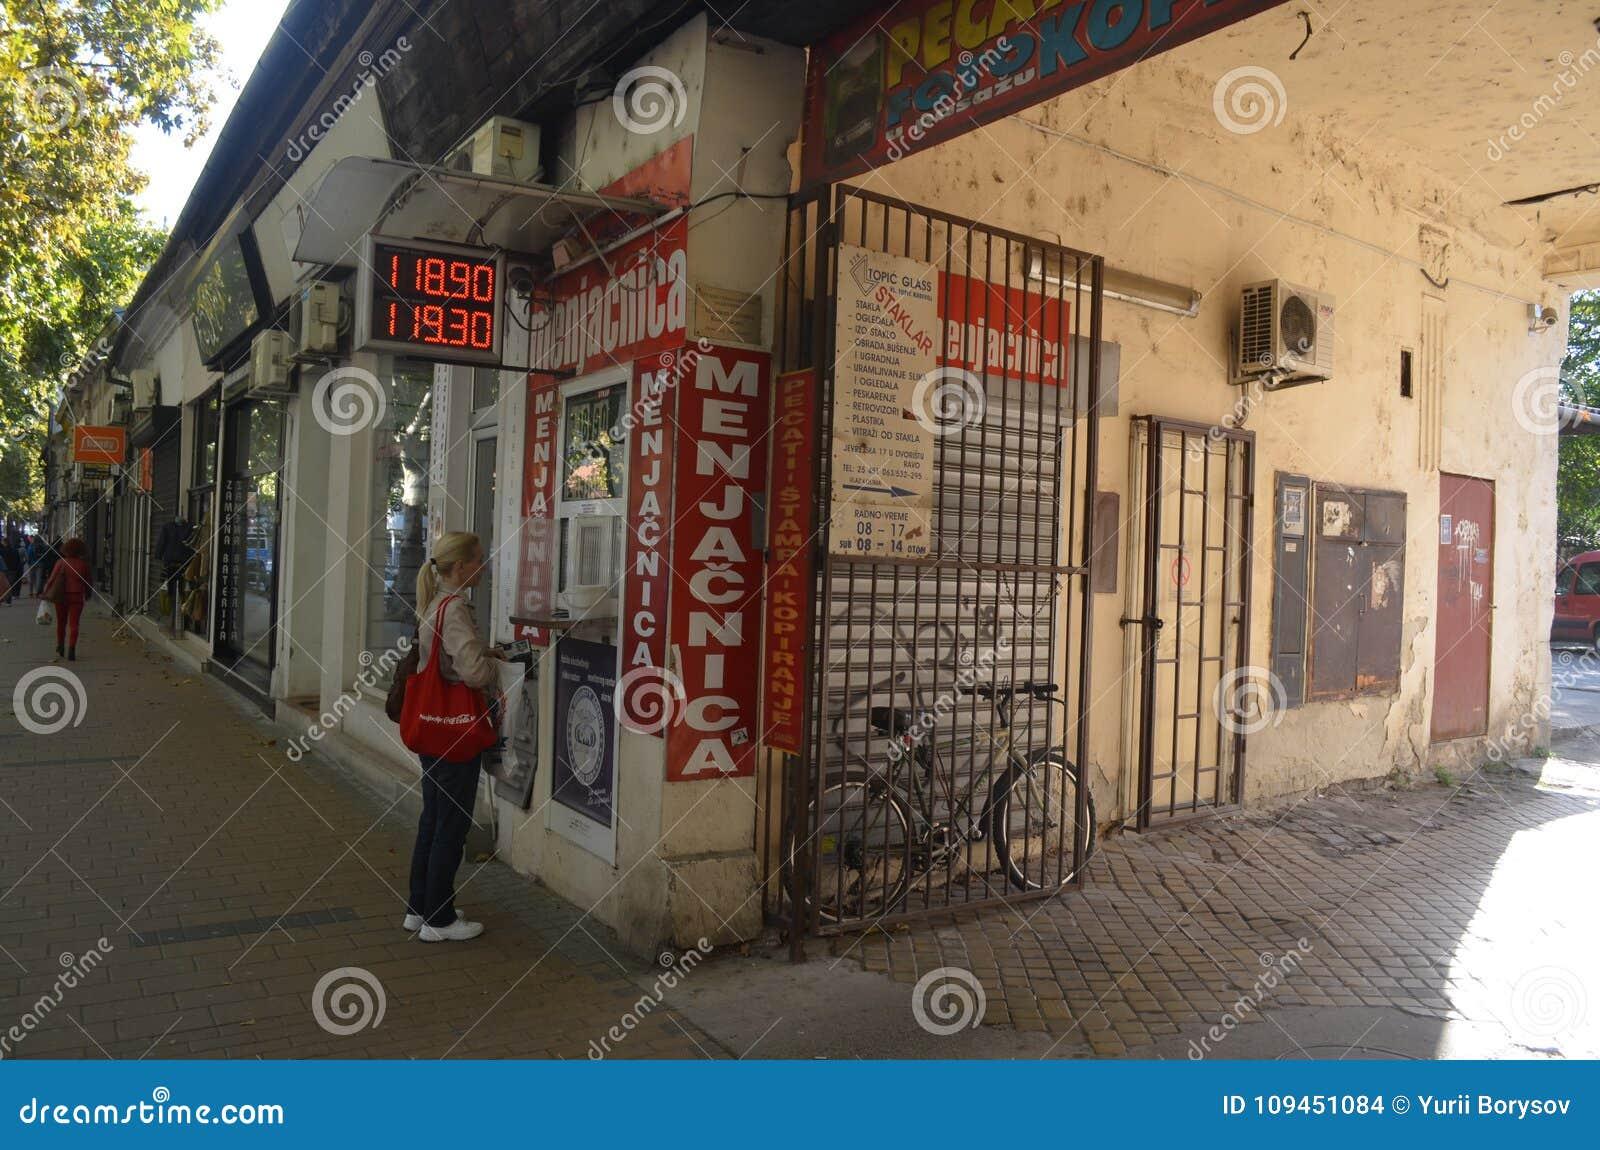 Обмен, Novi унылое, Сербия